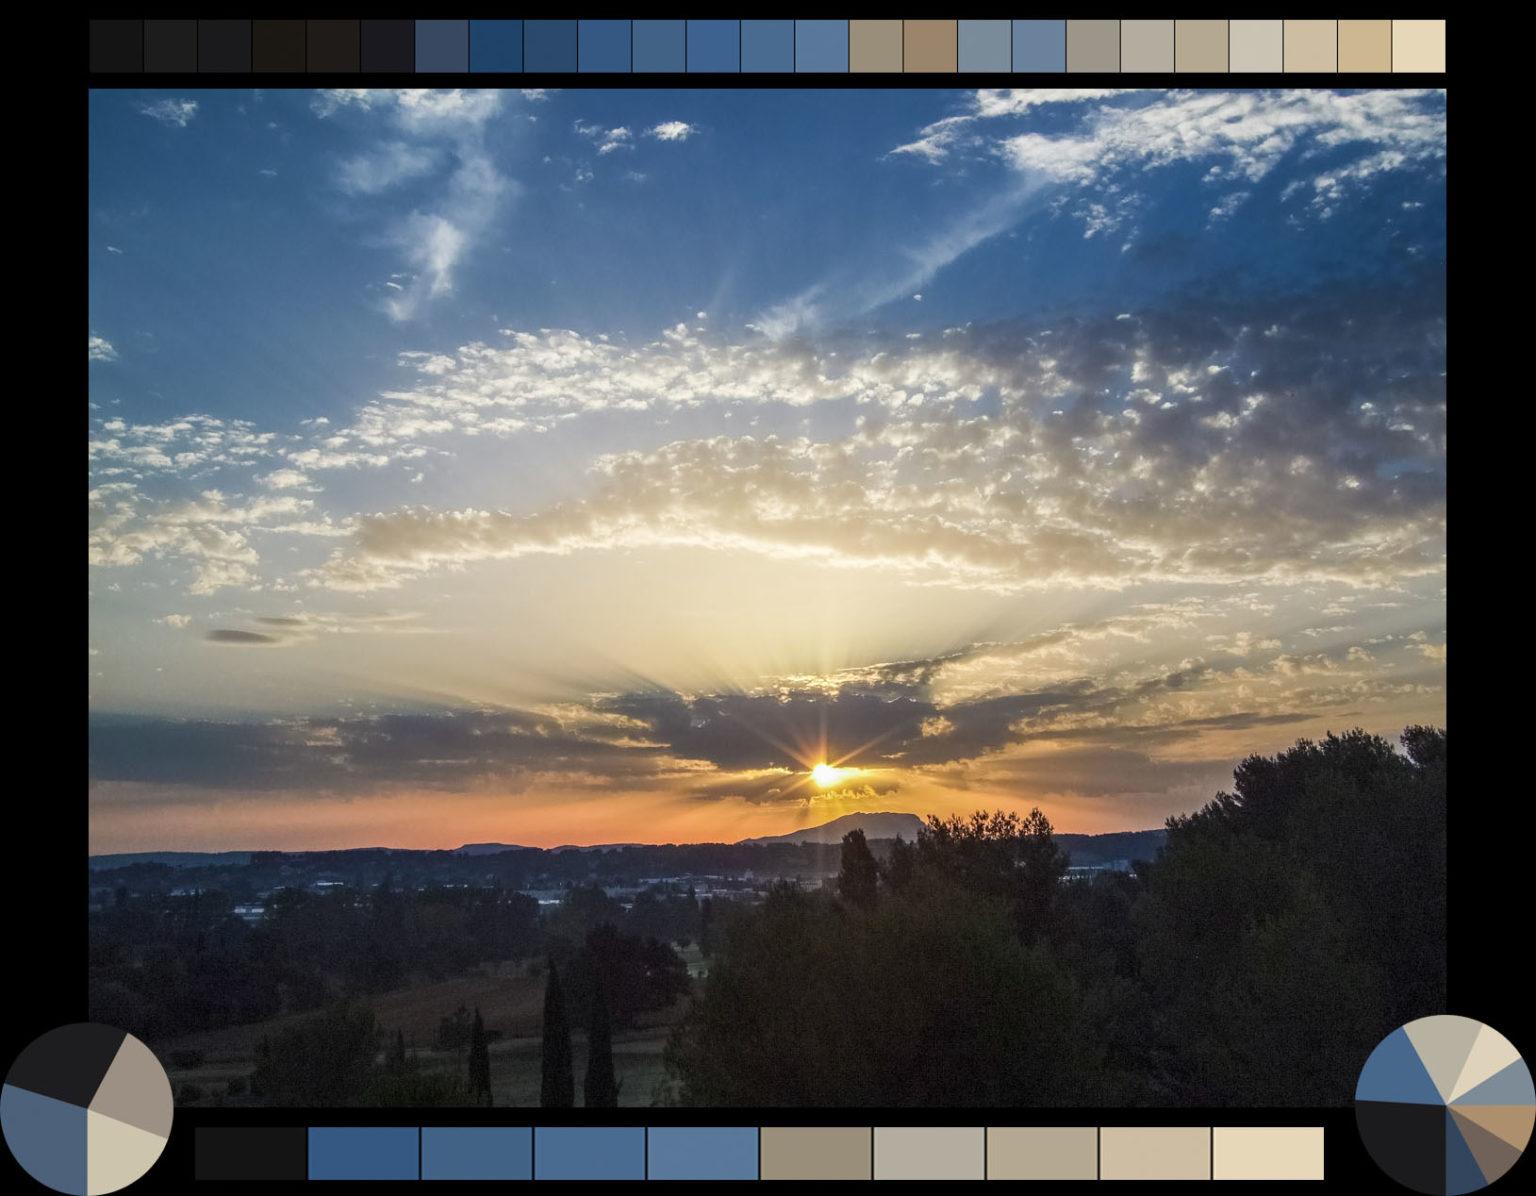 Sonnenaufgang Aix en Provence, Montagne Saint-Victoire